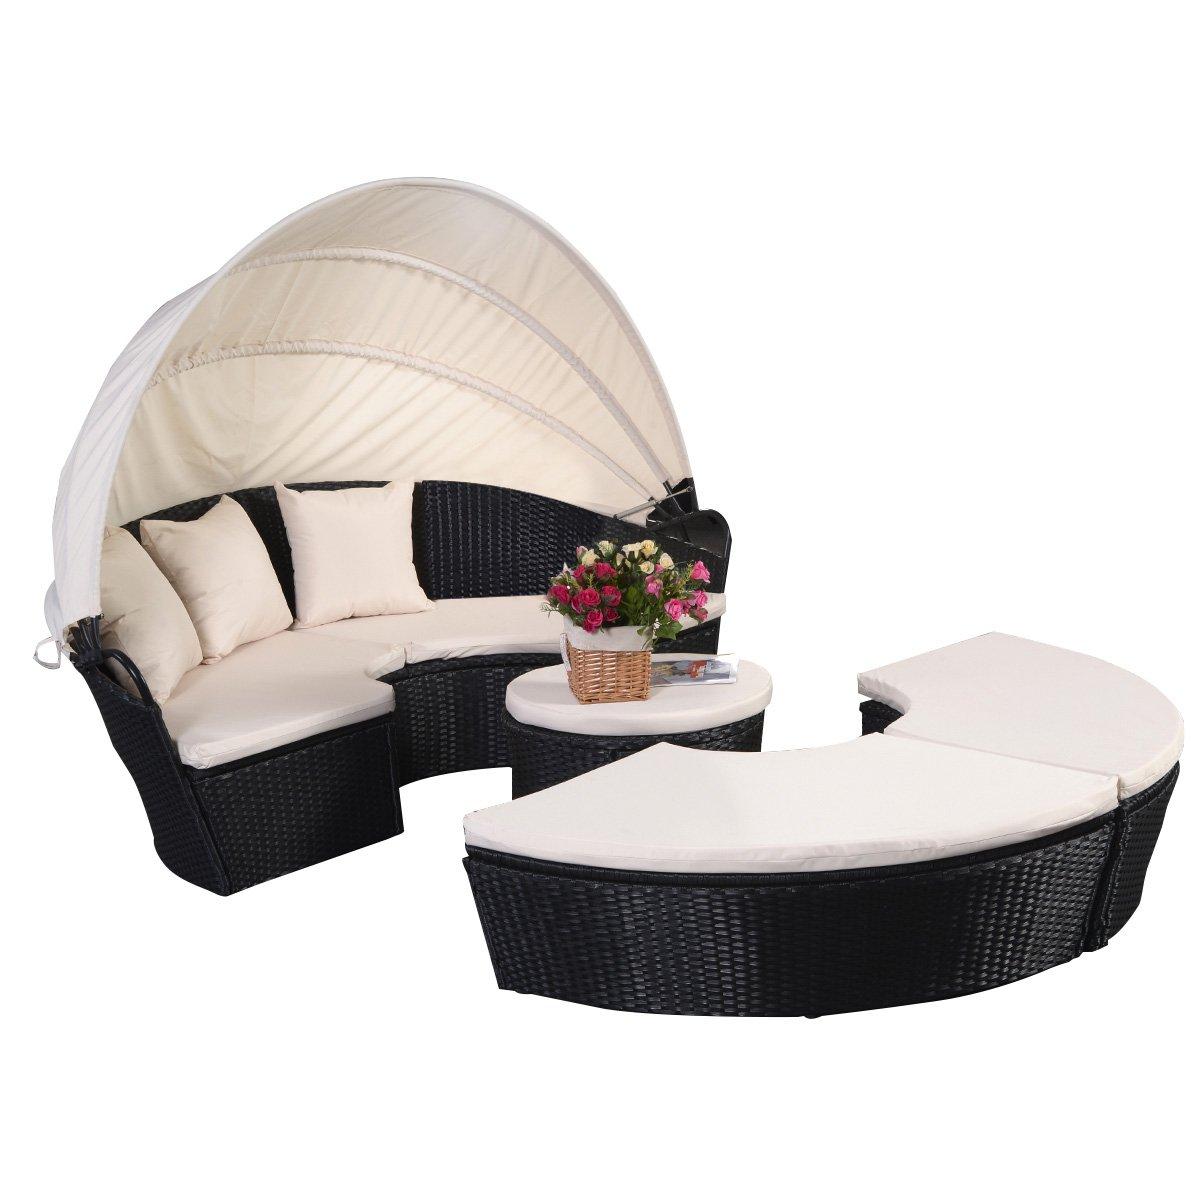 Sonneninsel Sonnenliege Strandkorb Polyrattenliege Rattan Lounge Rattenbett Gartenliege GartenmöbelSitzgarnitur mit Sitzauflage Sonnendach jetzt bestellen